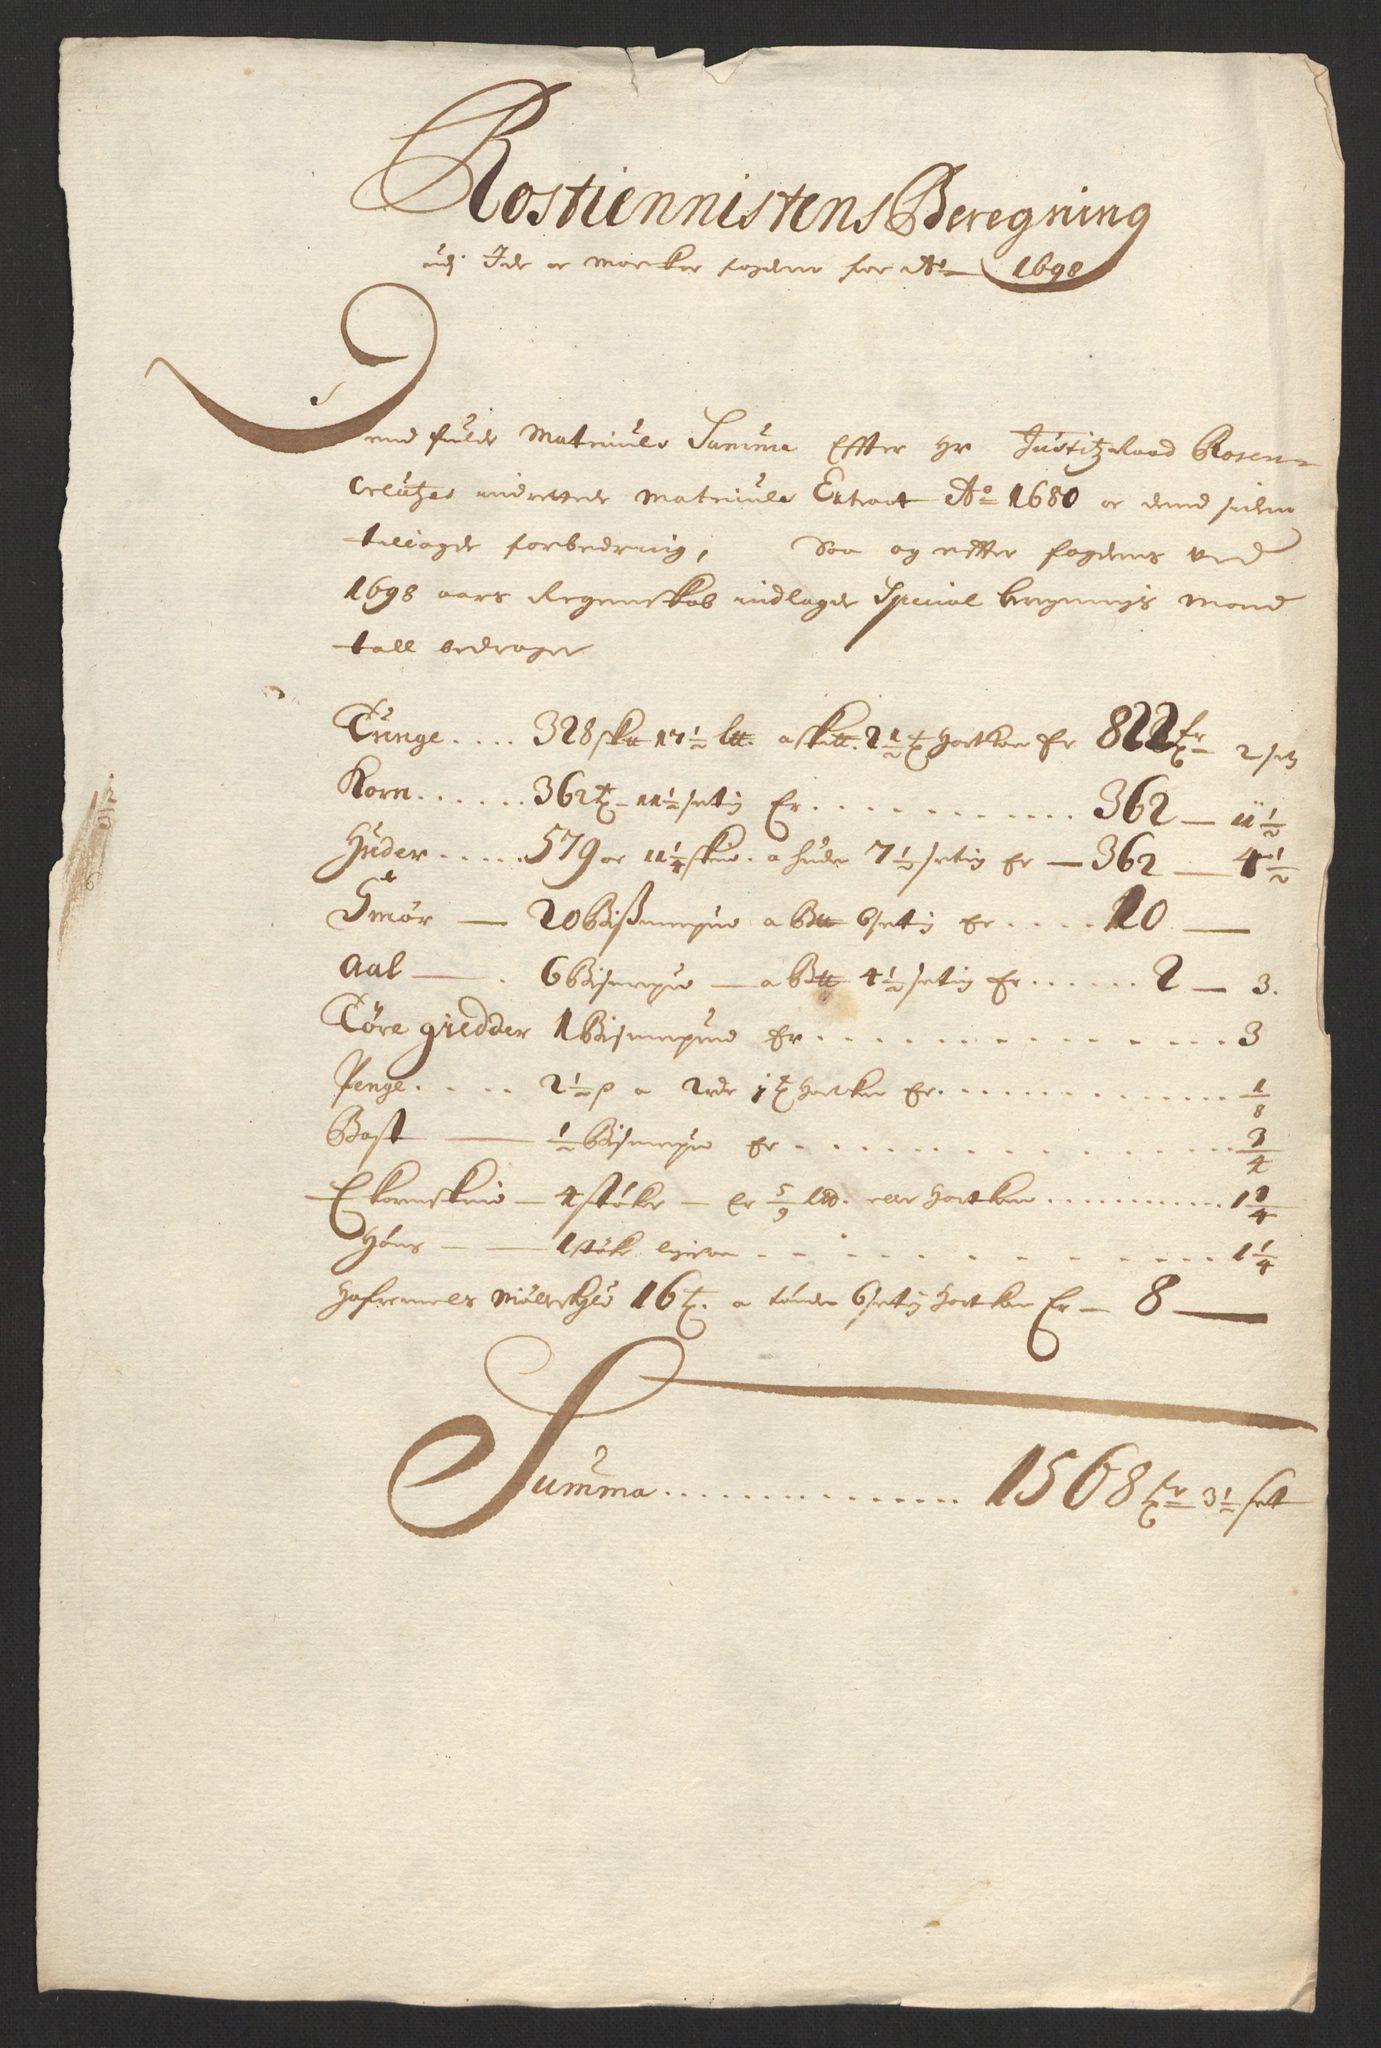 RA, Rentekammeret inntil 1814, Reviderte regnskaper, Fogderegnskap, R01/L0013: Fogderegnskap Idd og Marker, 1696-1698, s. 339